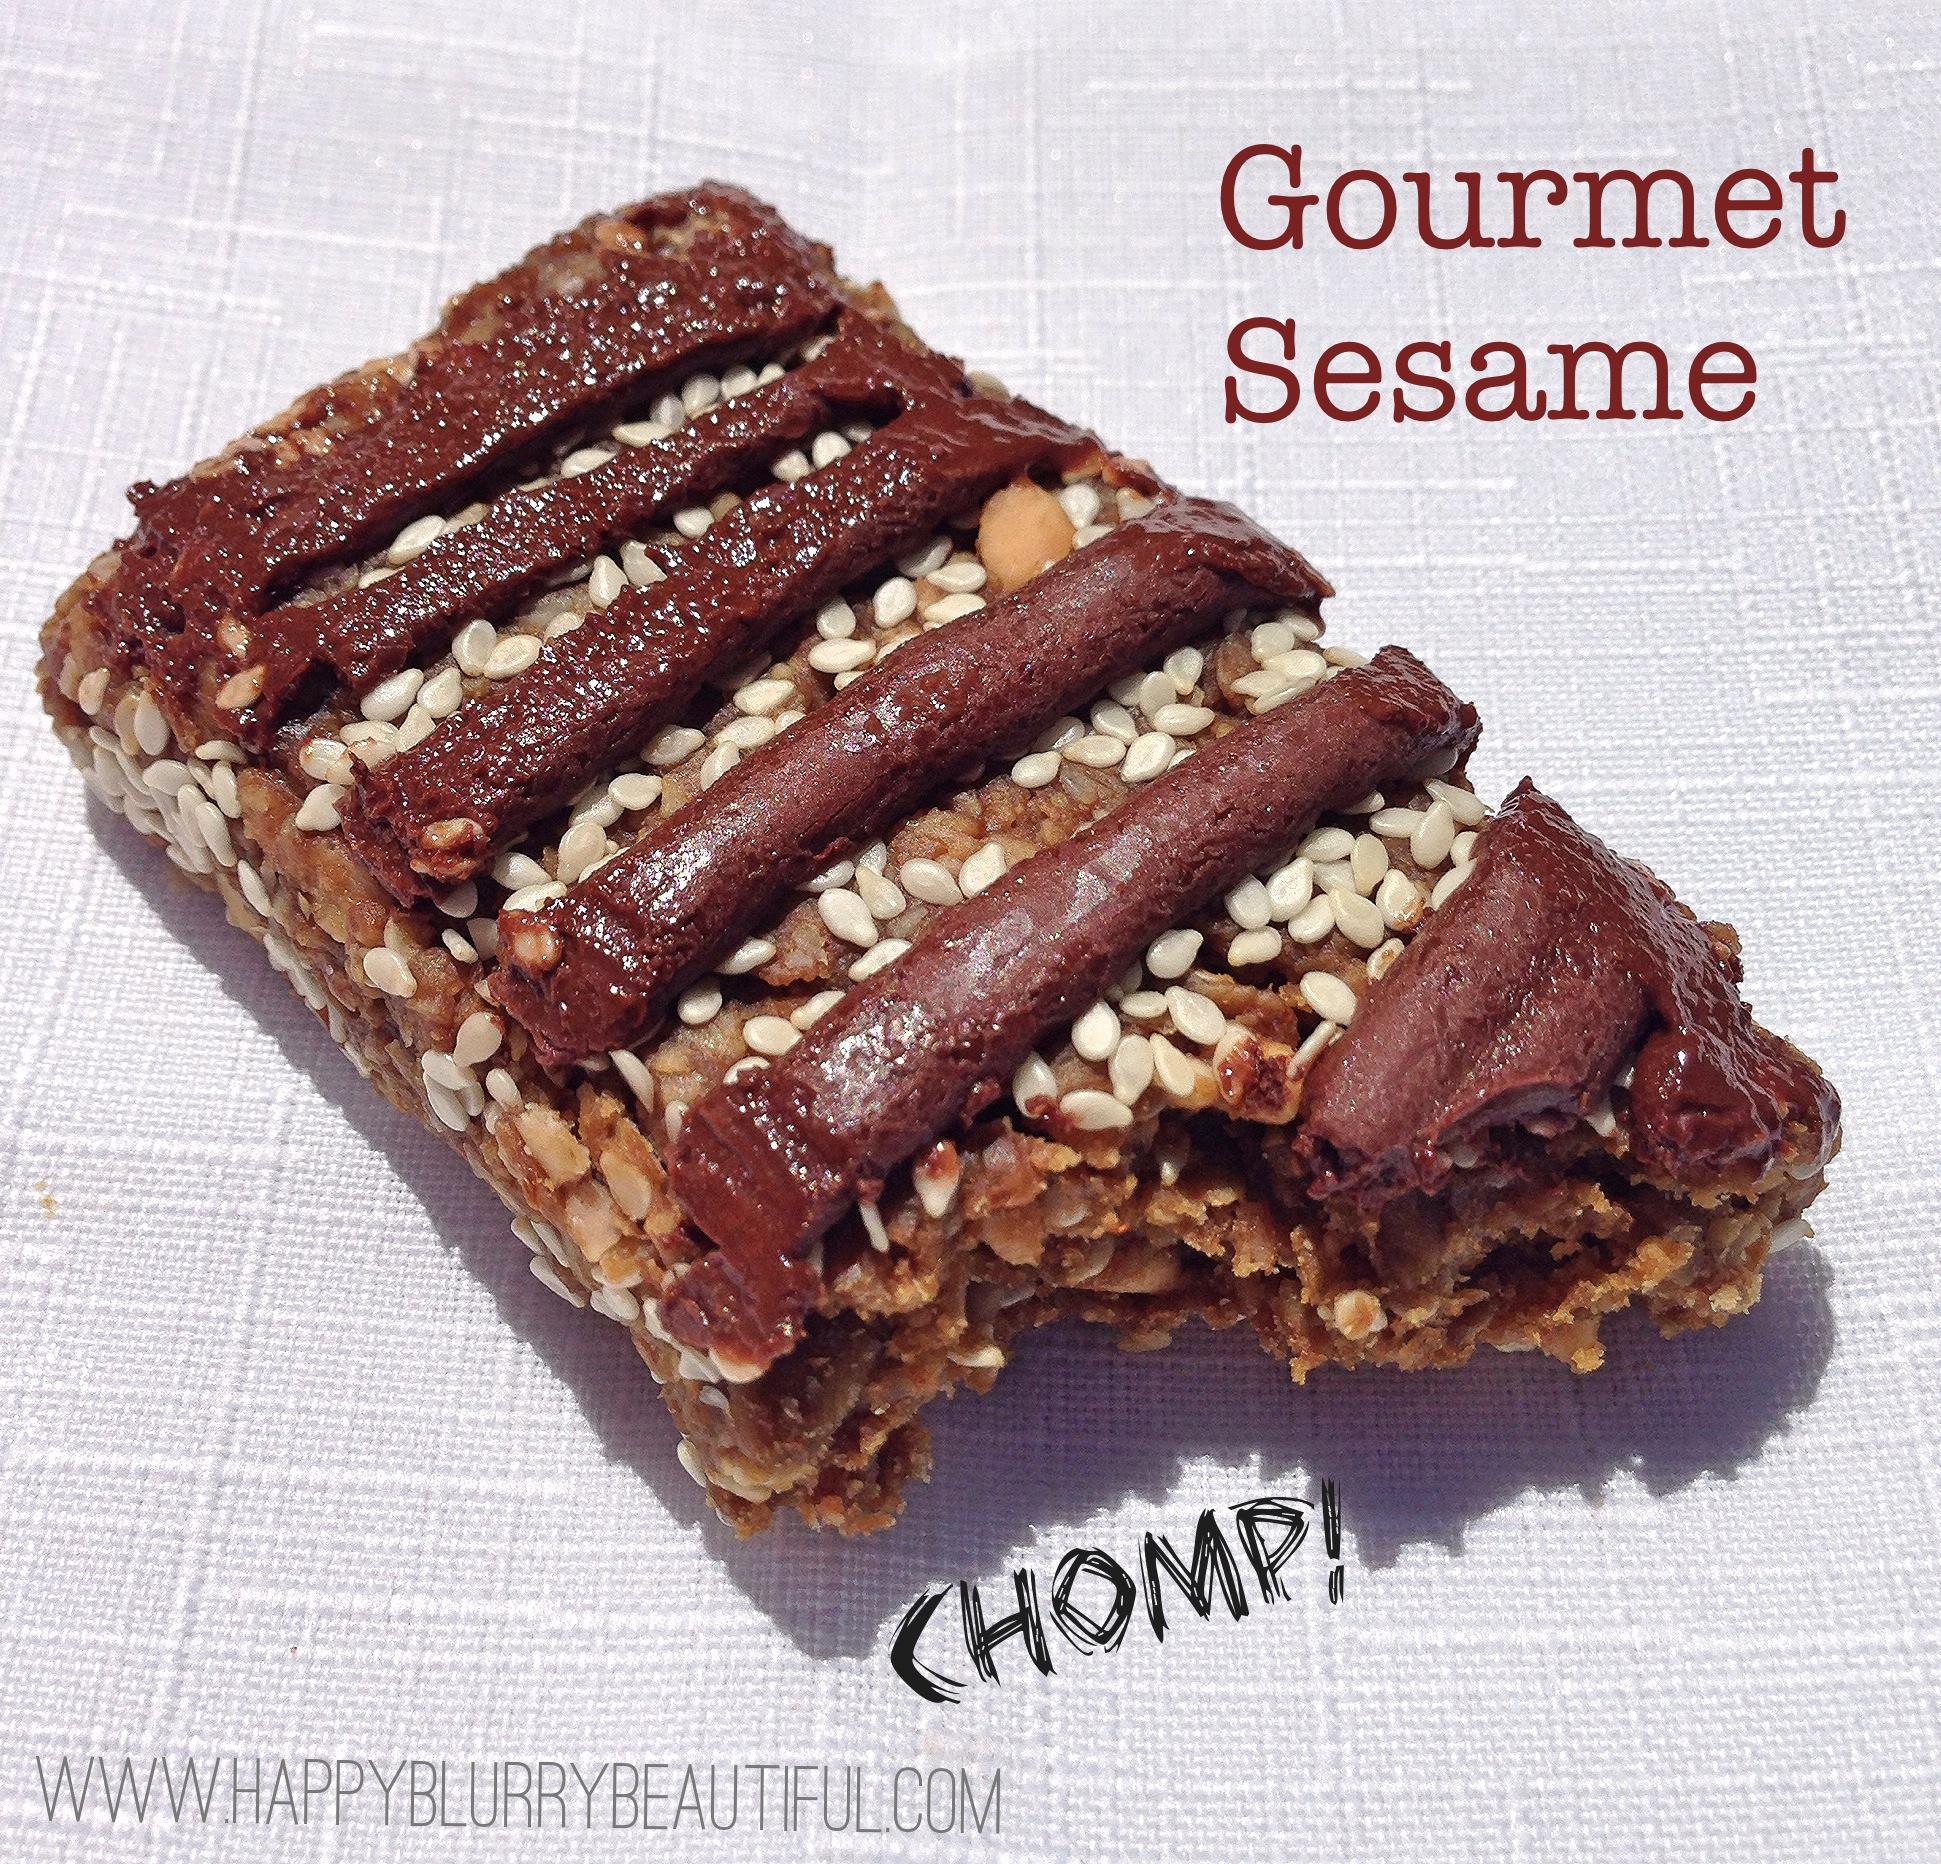 Ingredients in meta health bars -  Gourmet Sesame